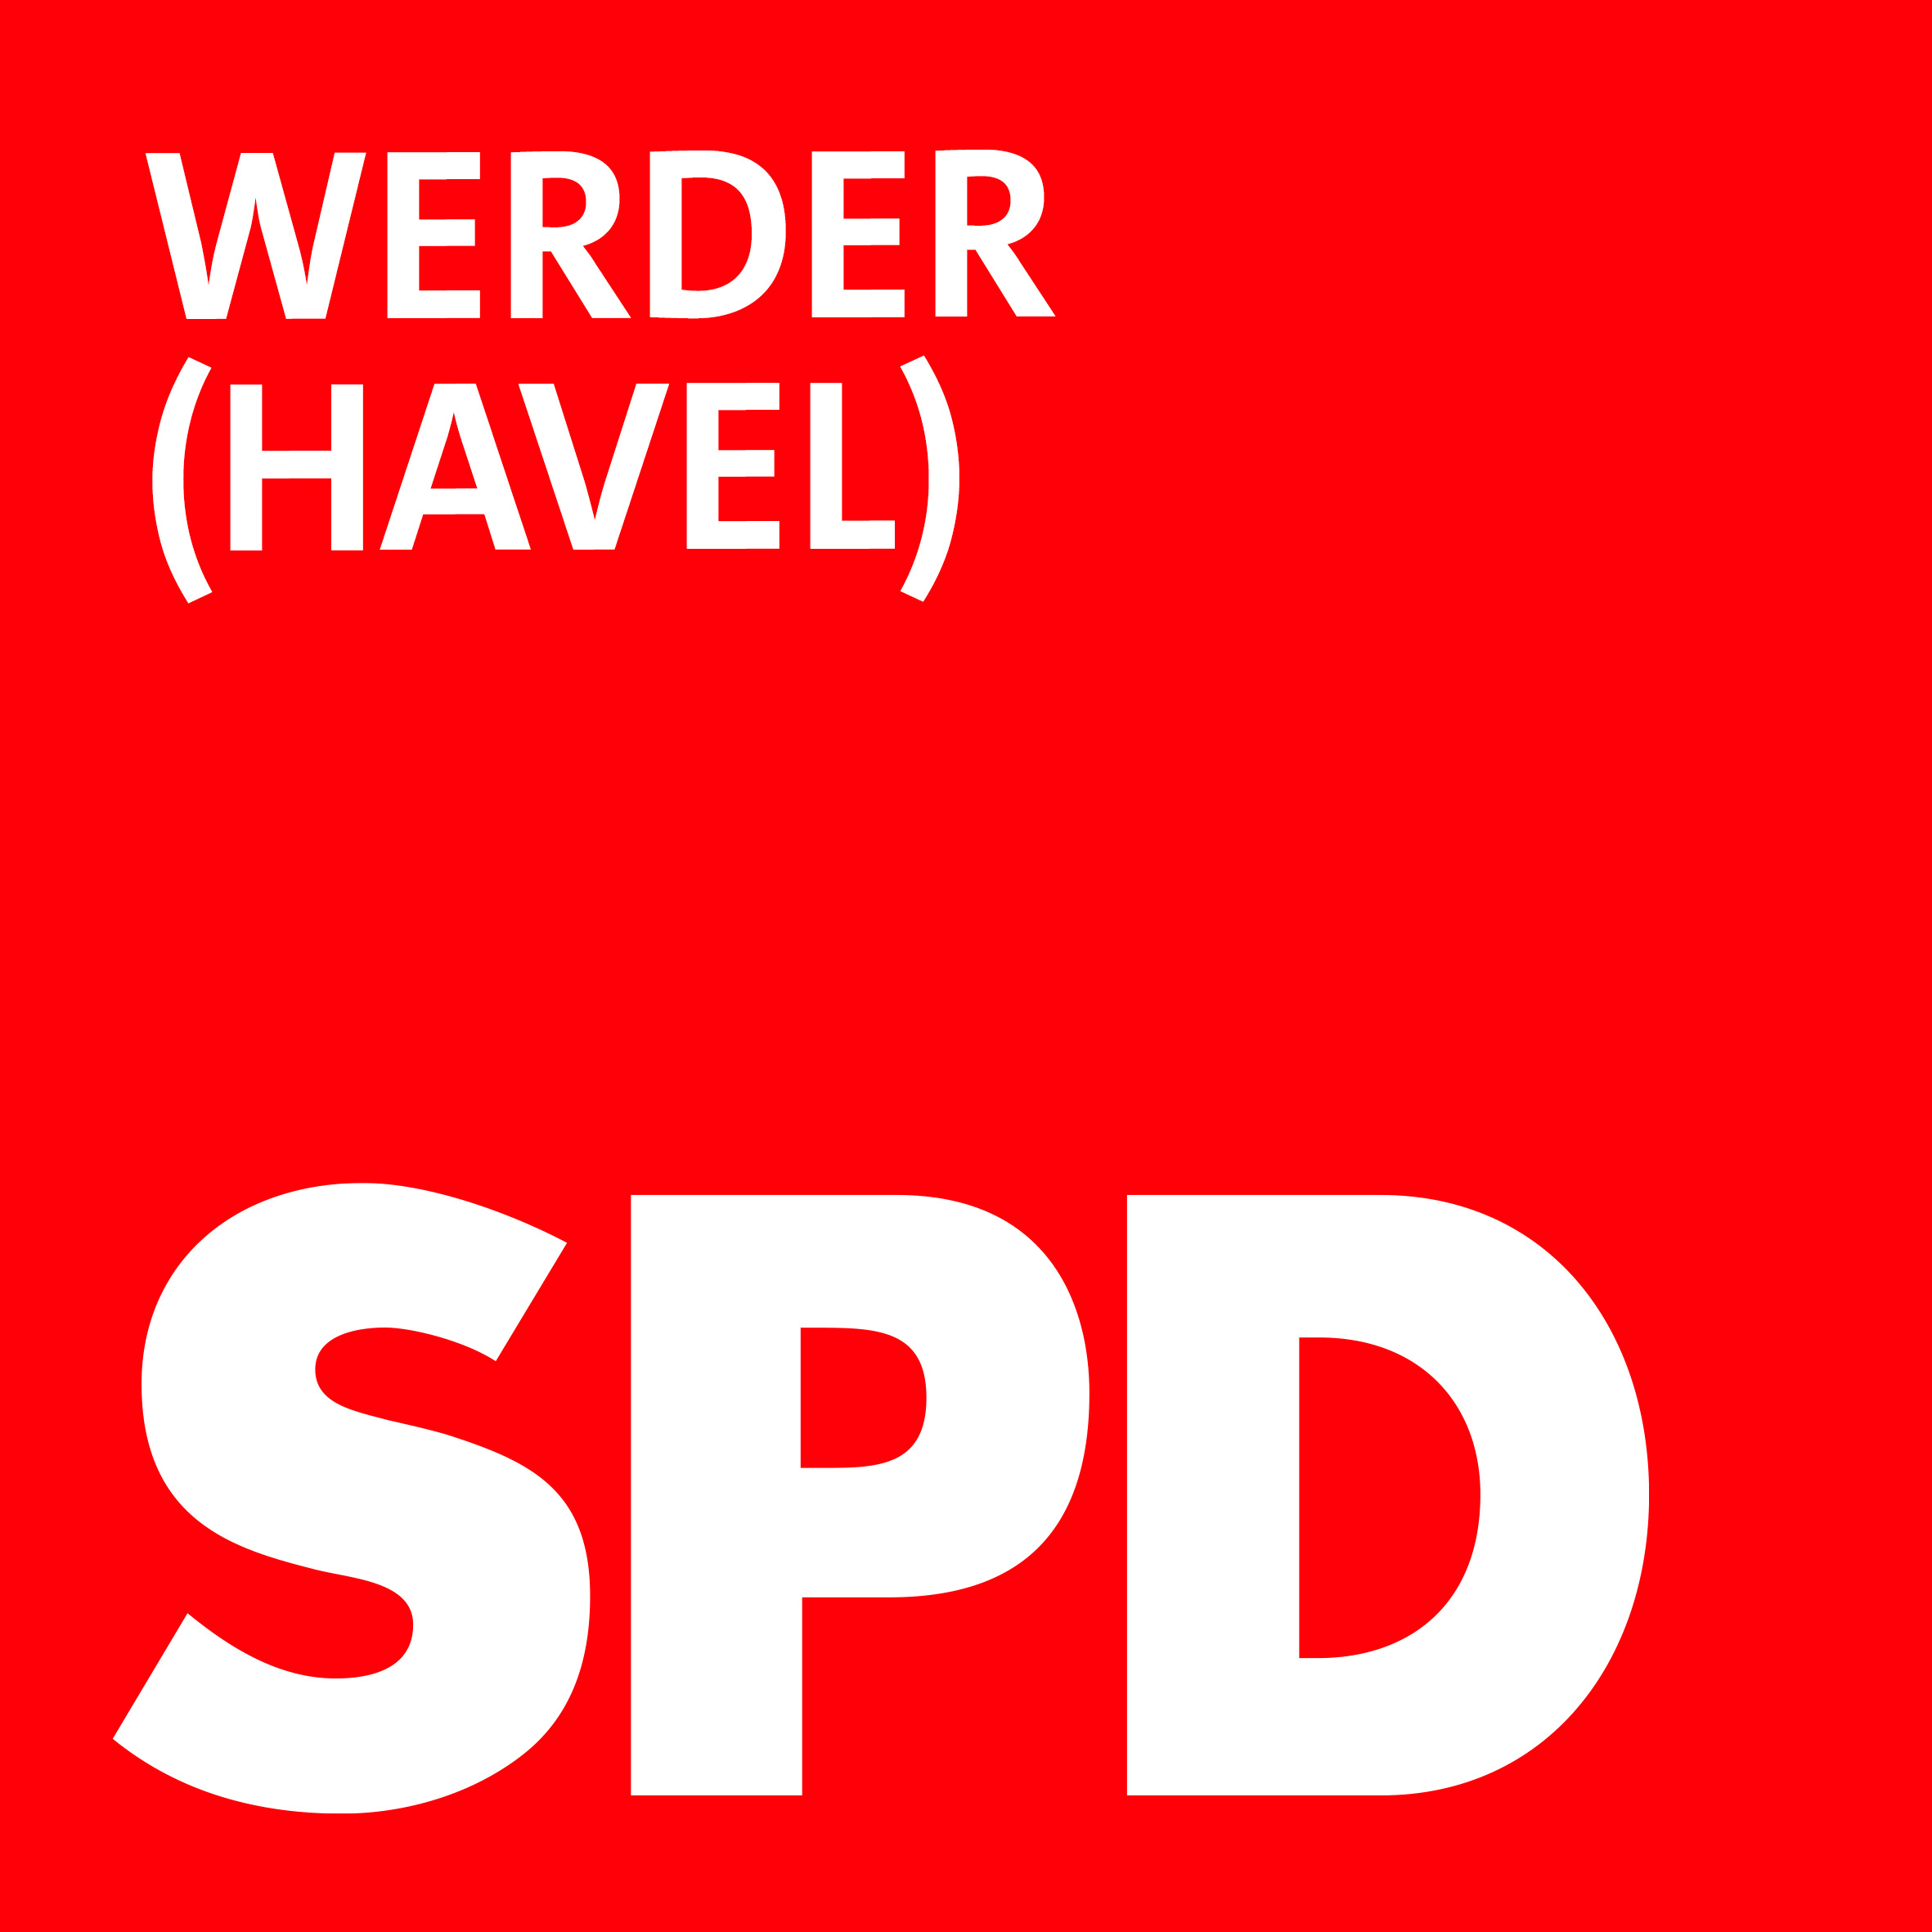 SPD Werder (Havel)